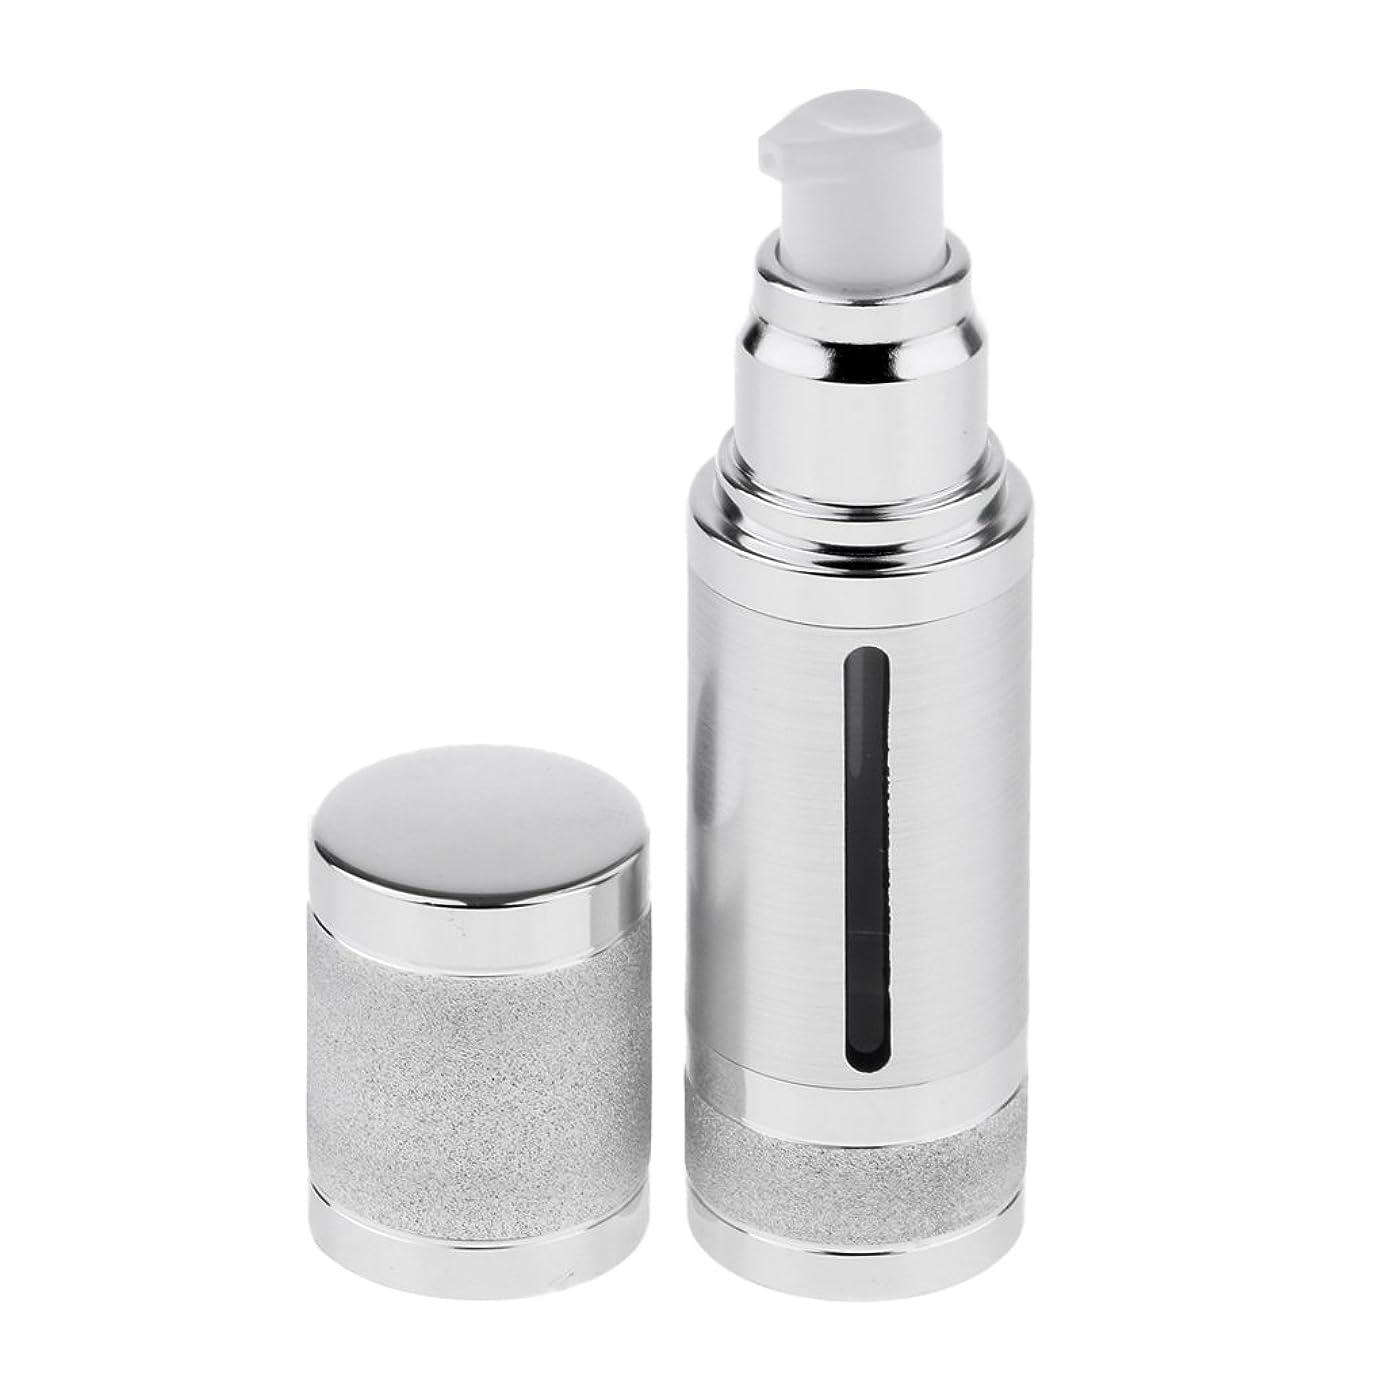 崩壊飼いならすよりFenteer ポンプボトル 空ボトル エアレスボトル 30ml 化粧品 詰め替え 容器 DIY 2色選べる - 銀